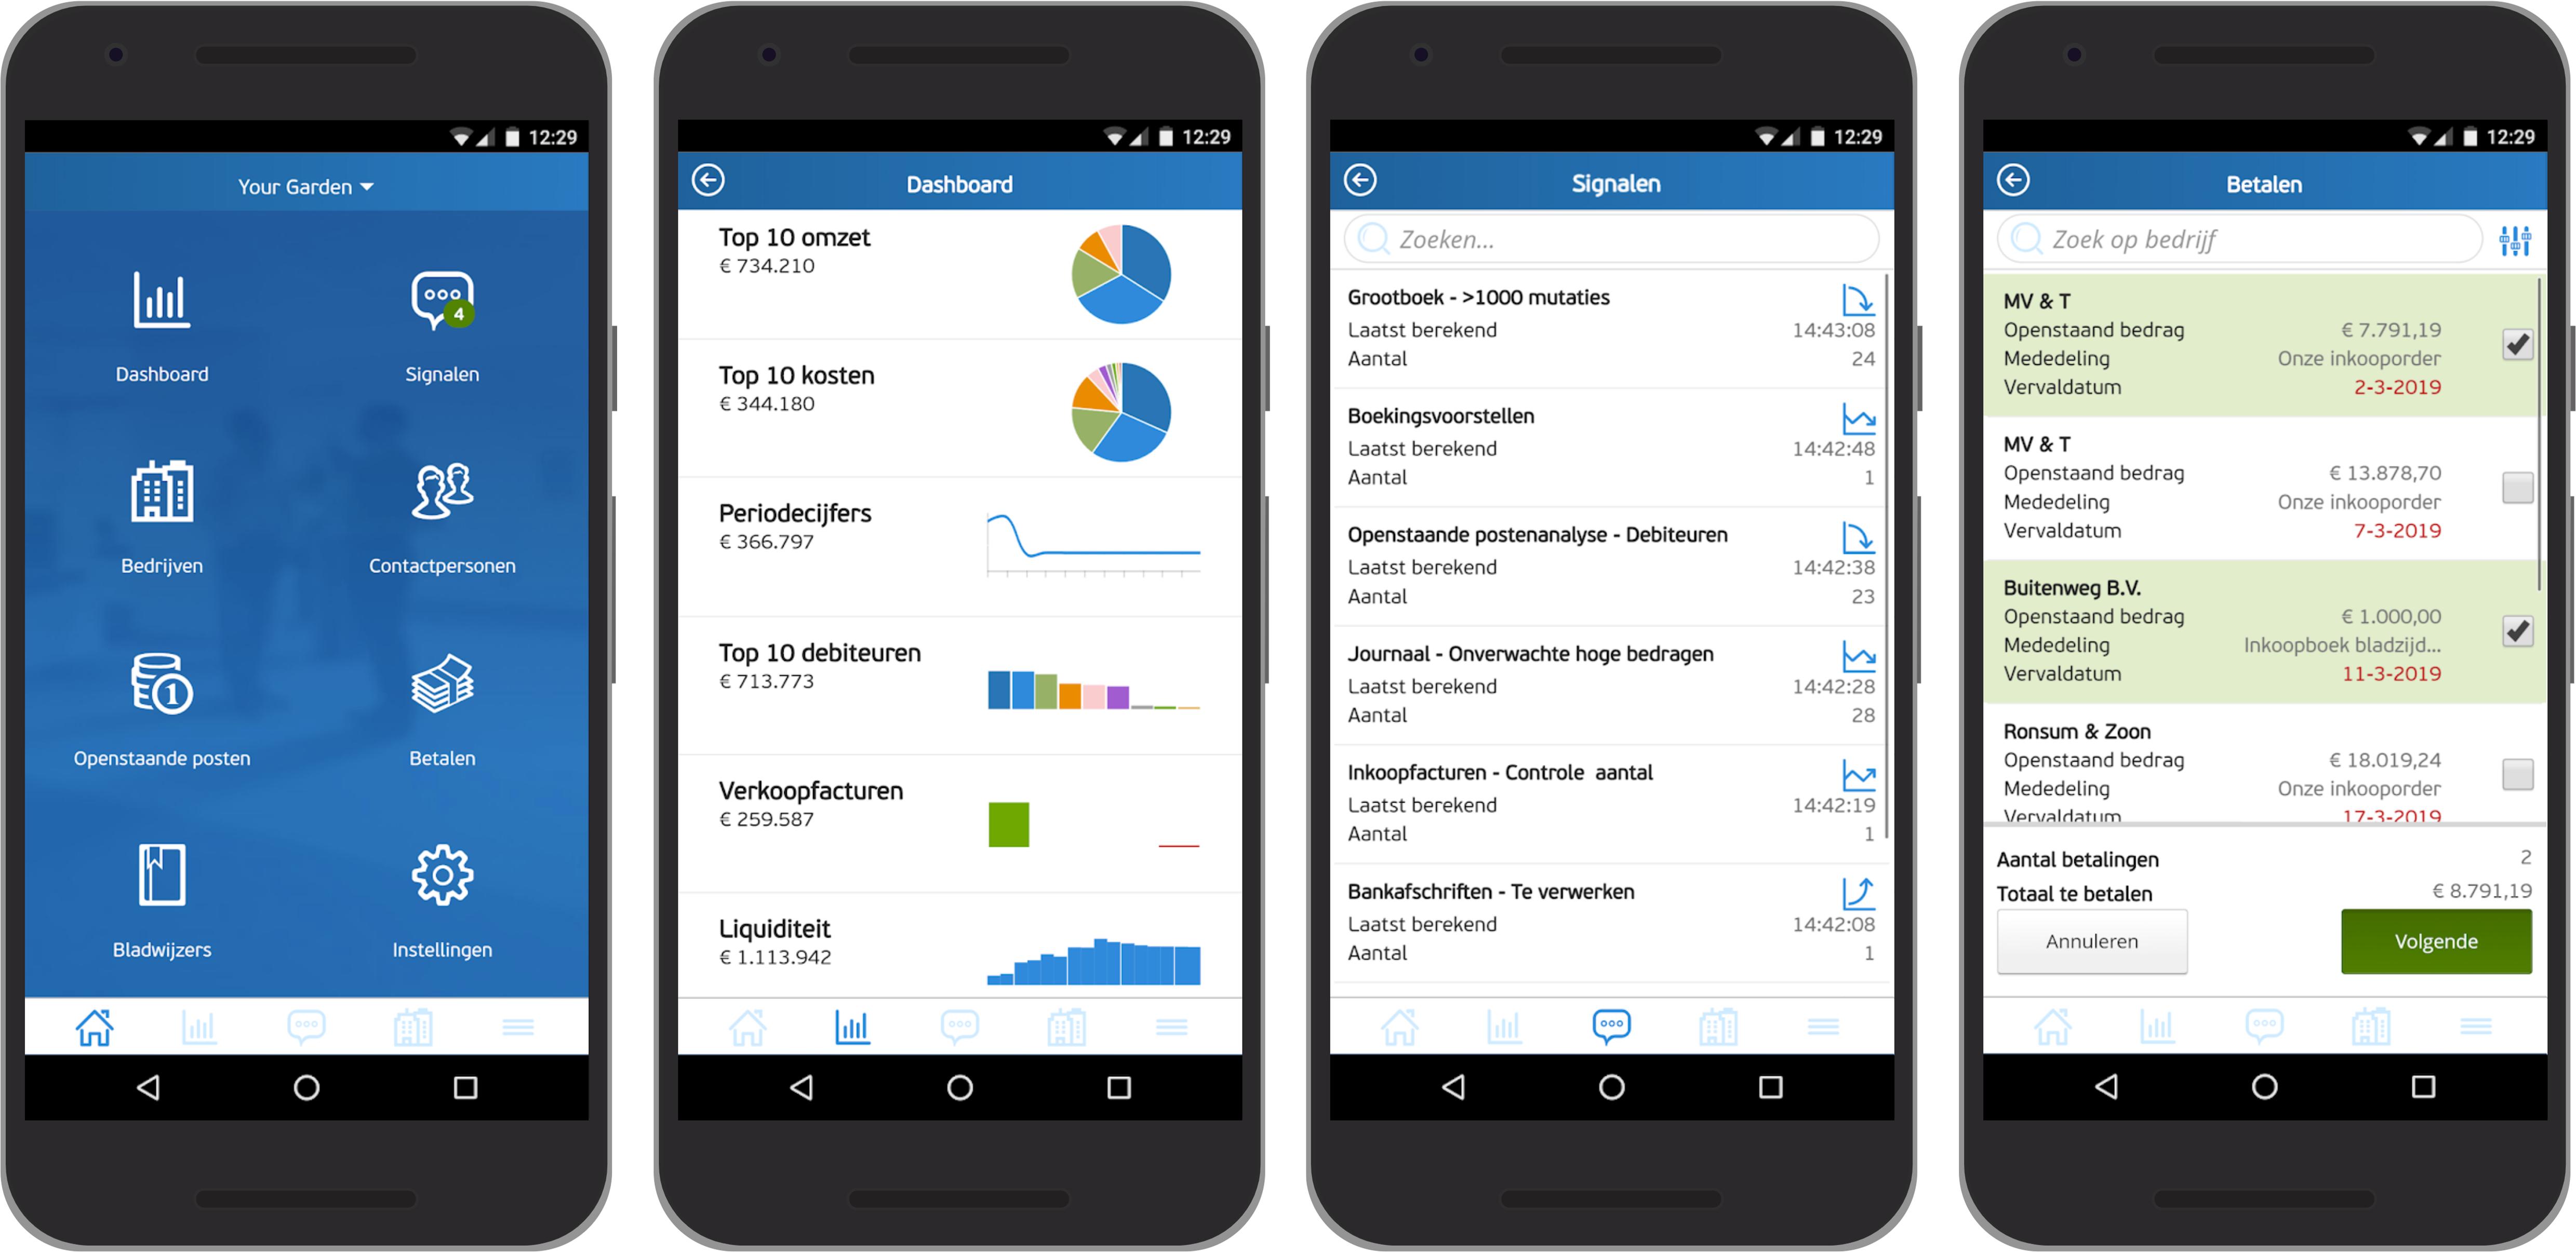 De schermen Startpagina, Dashboard, Signalen, en Betalingen van de AccountView Contact app.